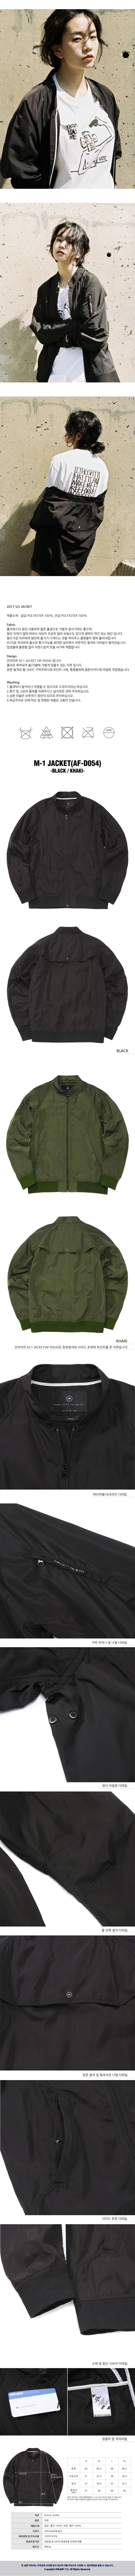 언리미트(UNLIMIT) M-1 Jacket (AF-D054)